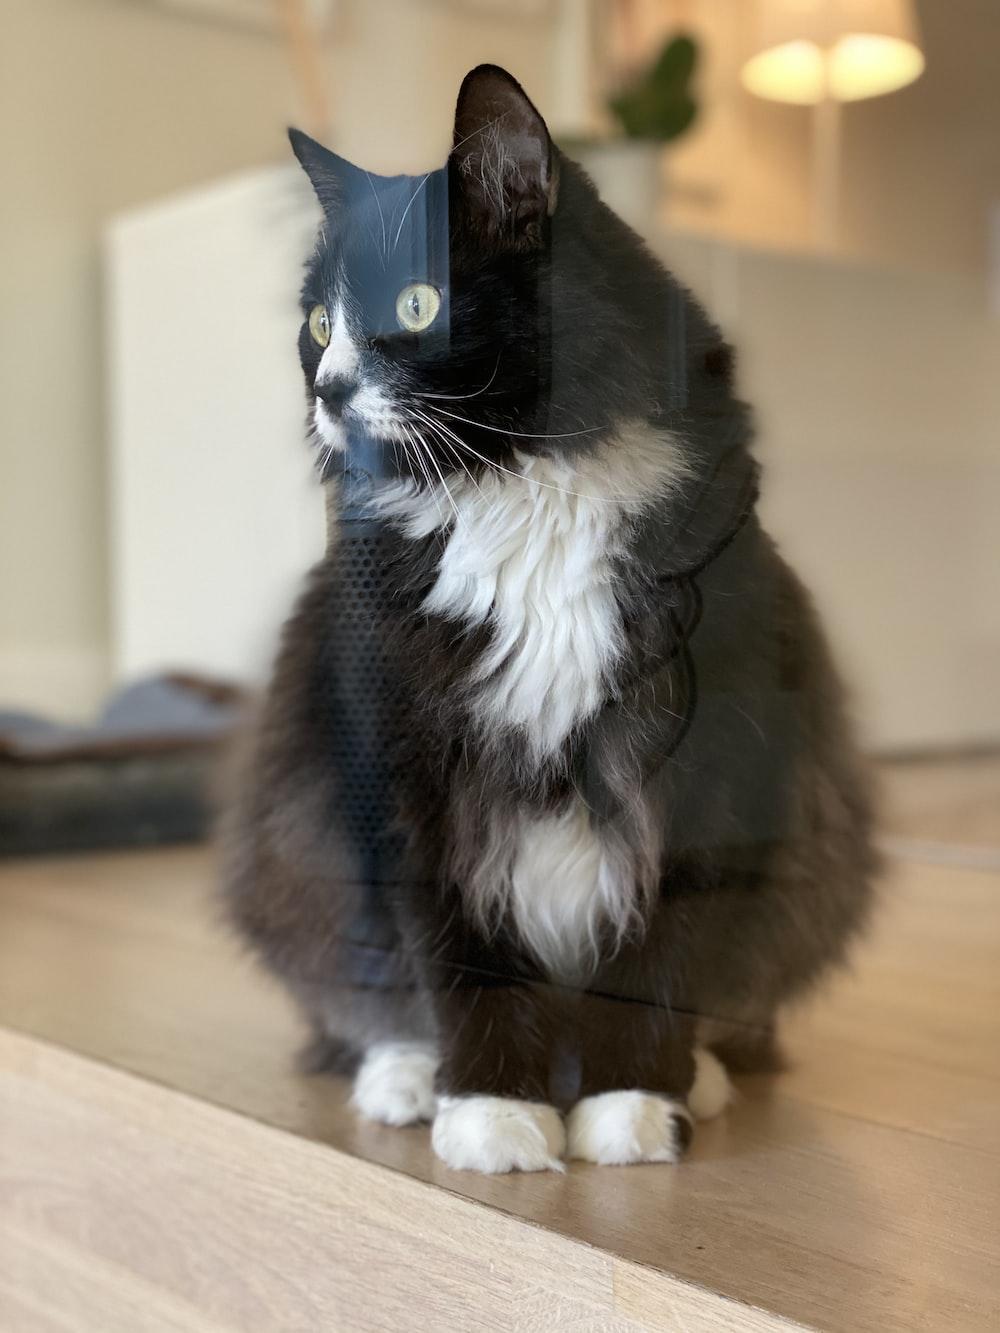 black and white tuxedo cat sitting on wooden floor